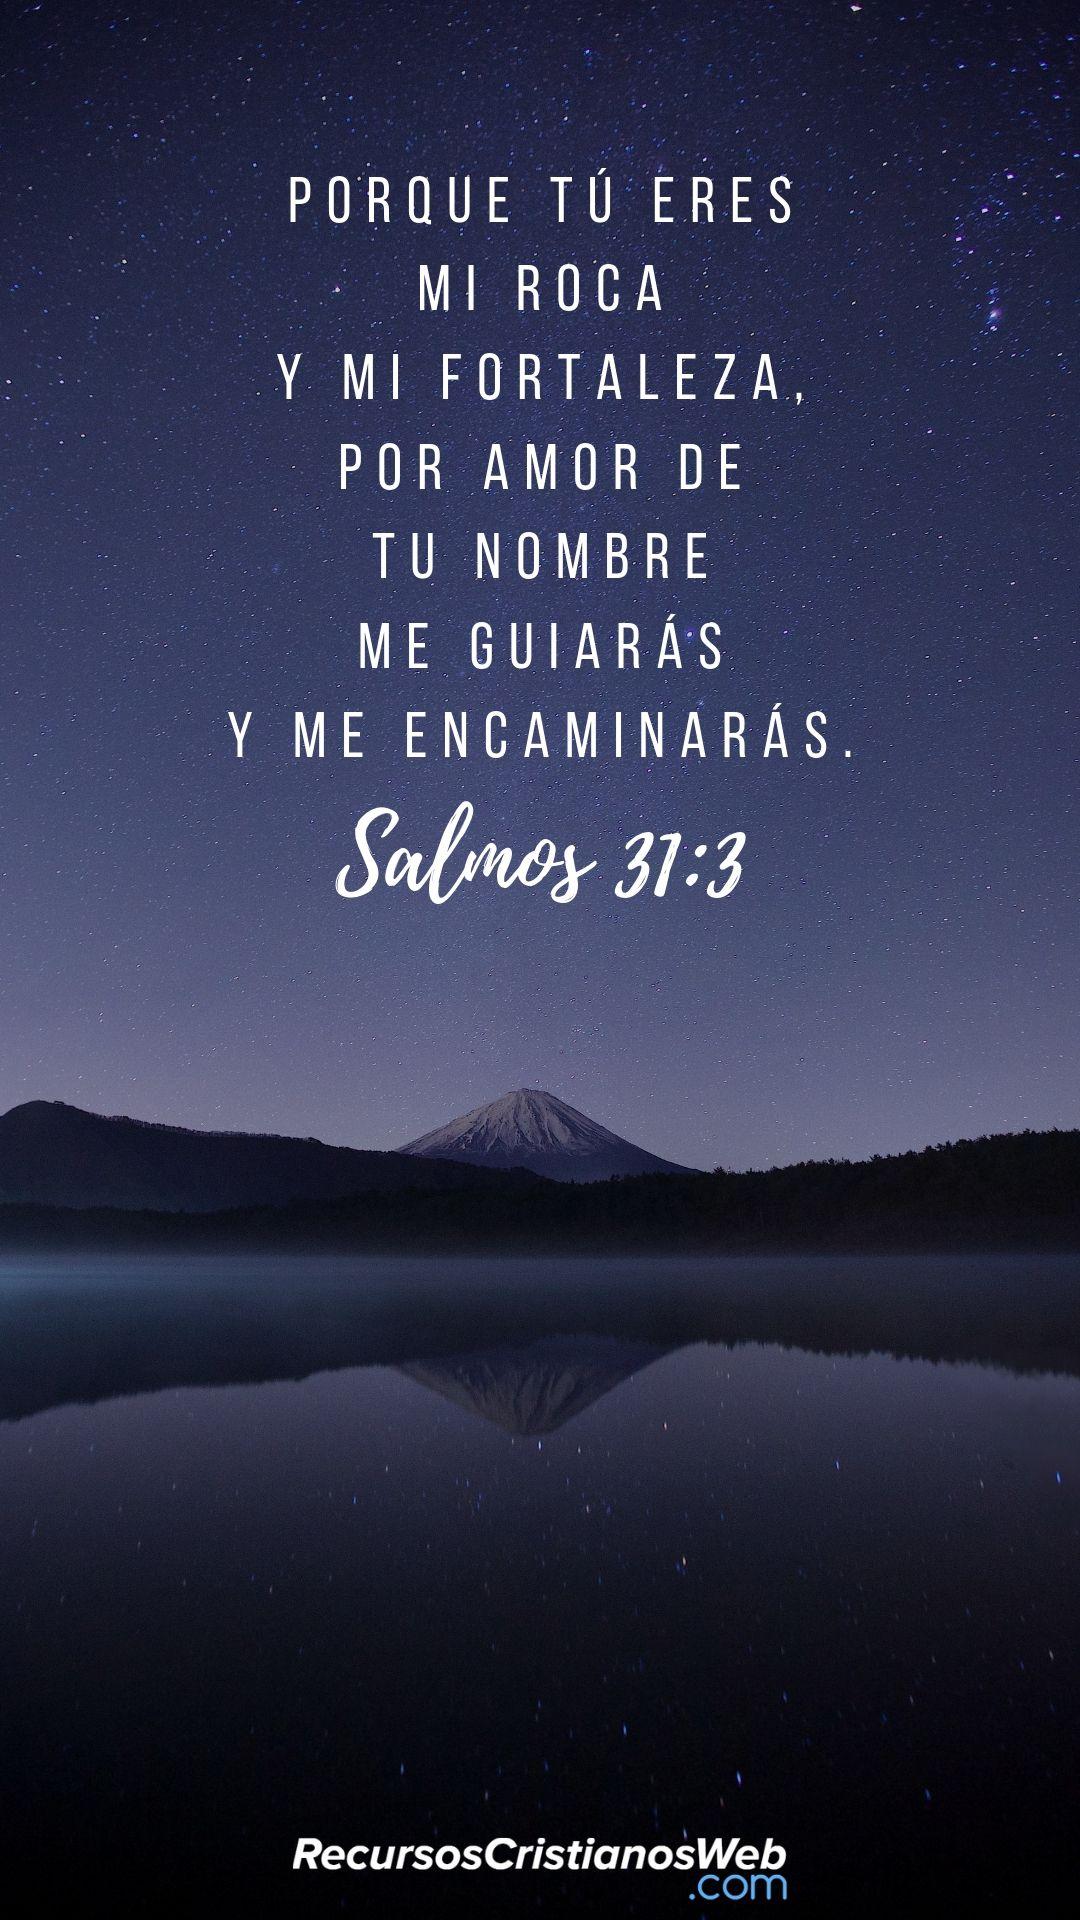 Salmos 31:3